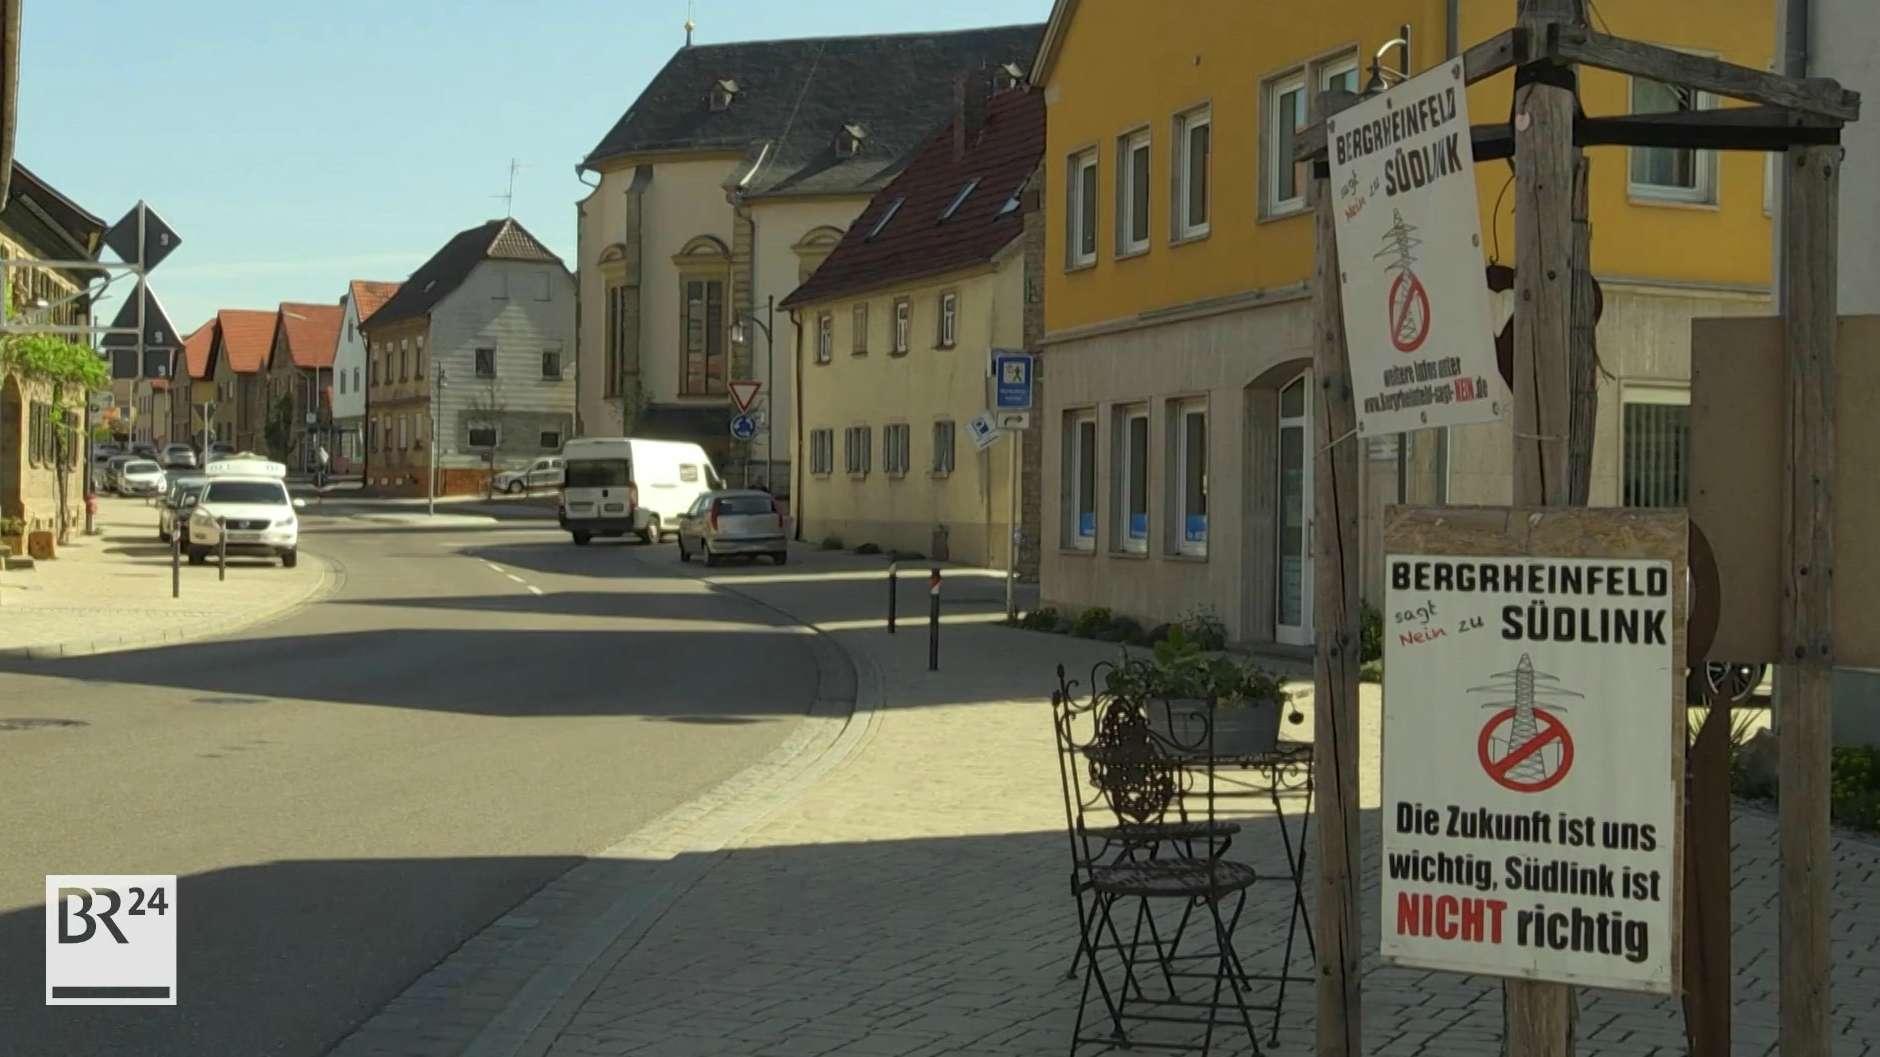 Plakate gegen SuedLink in Bergrheinfeld